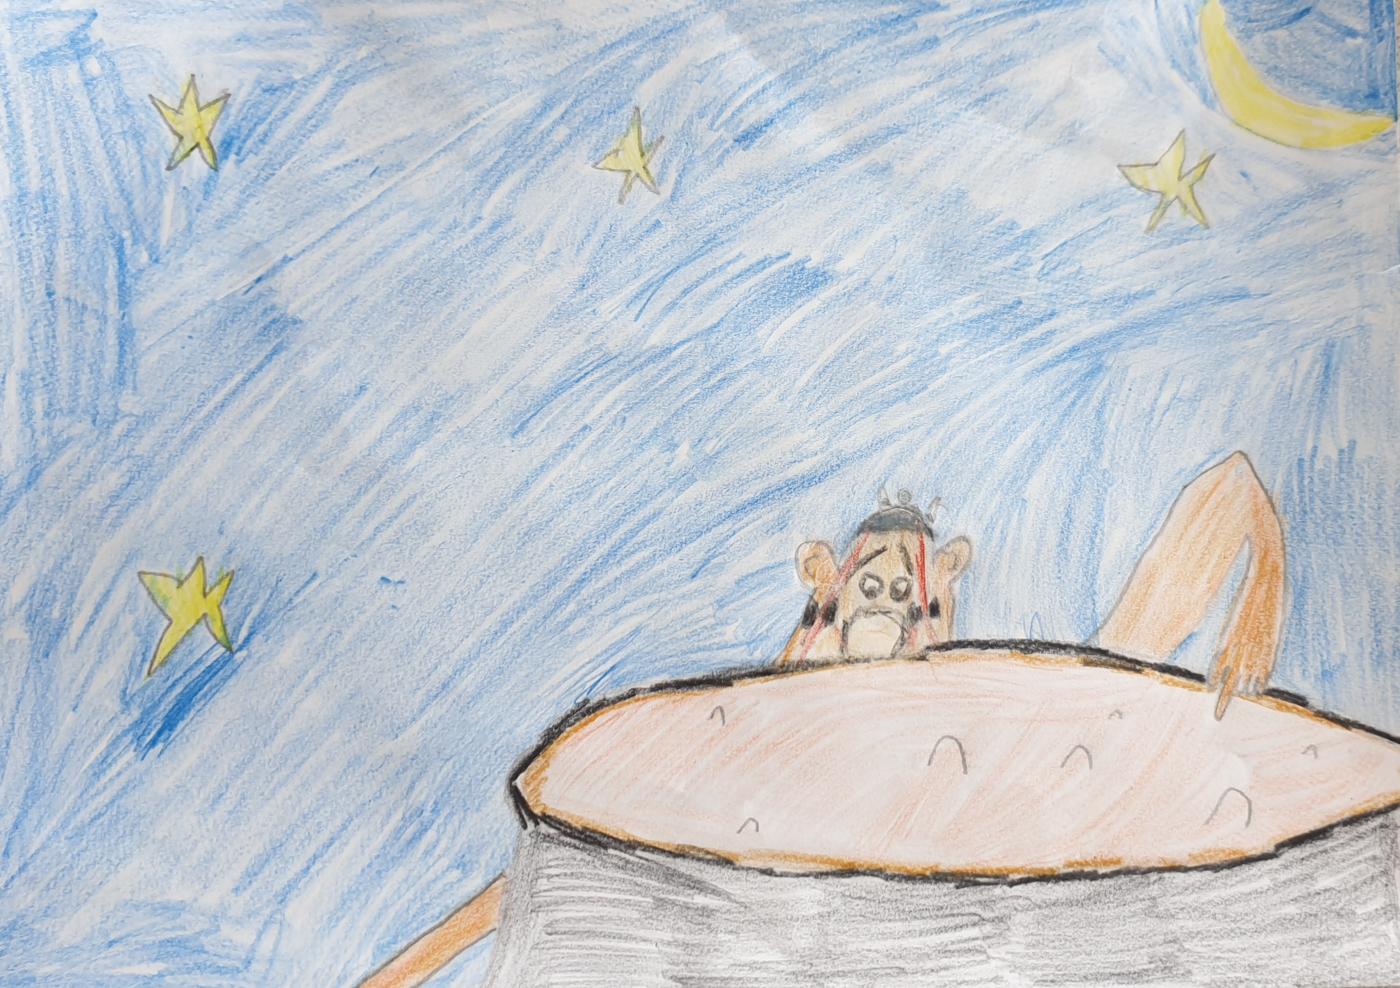 asterix et obelix le secret de la potion magique